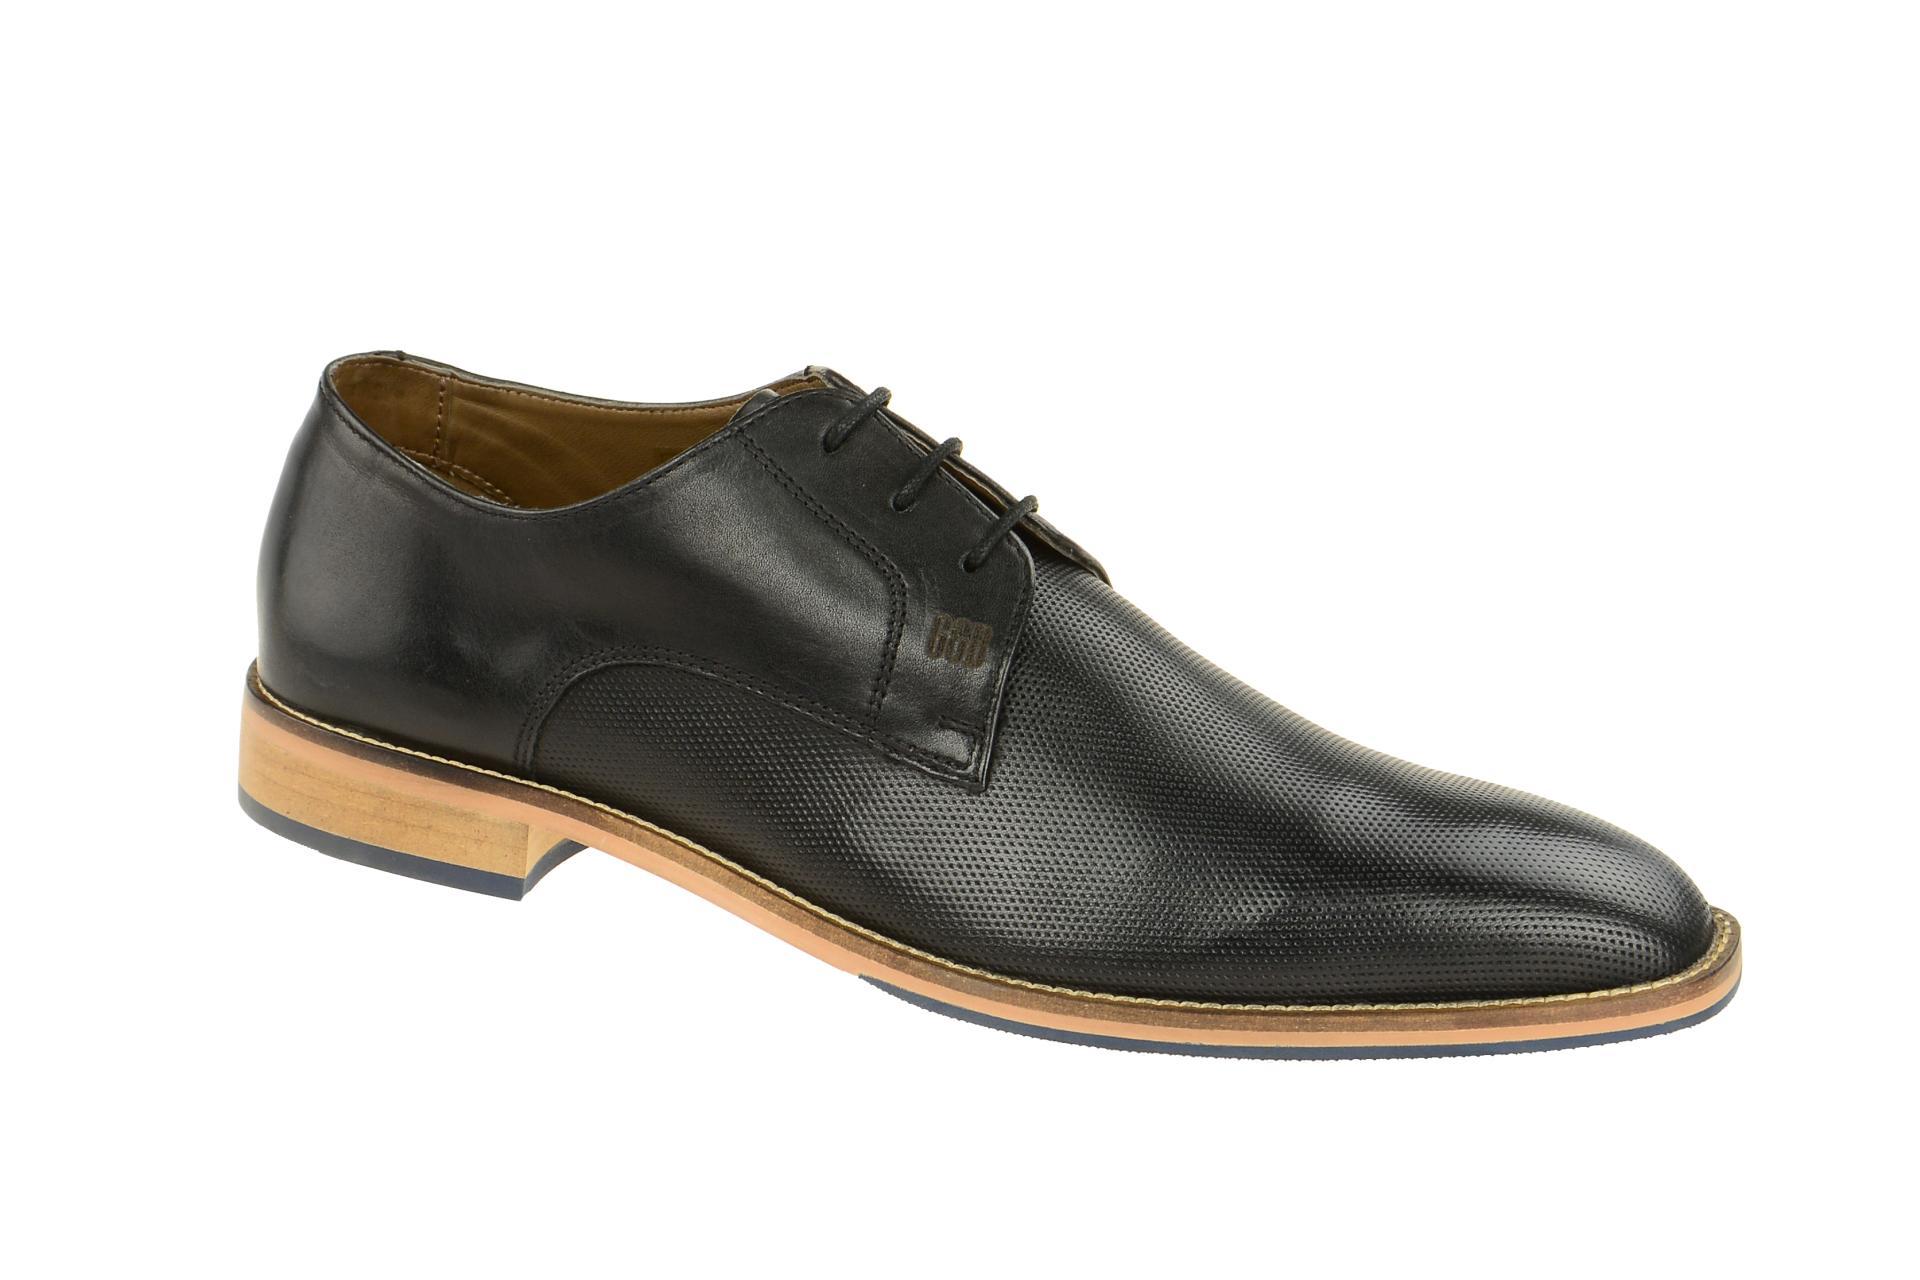 Herrenschuhe - Elegante Halbschuhe - Schnürschuhe Lorenzo S500311 Black-Antik Schwarz, EU 44 Gordon & Bros